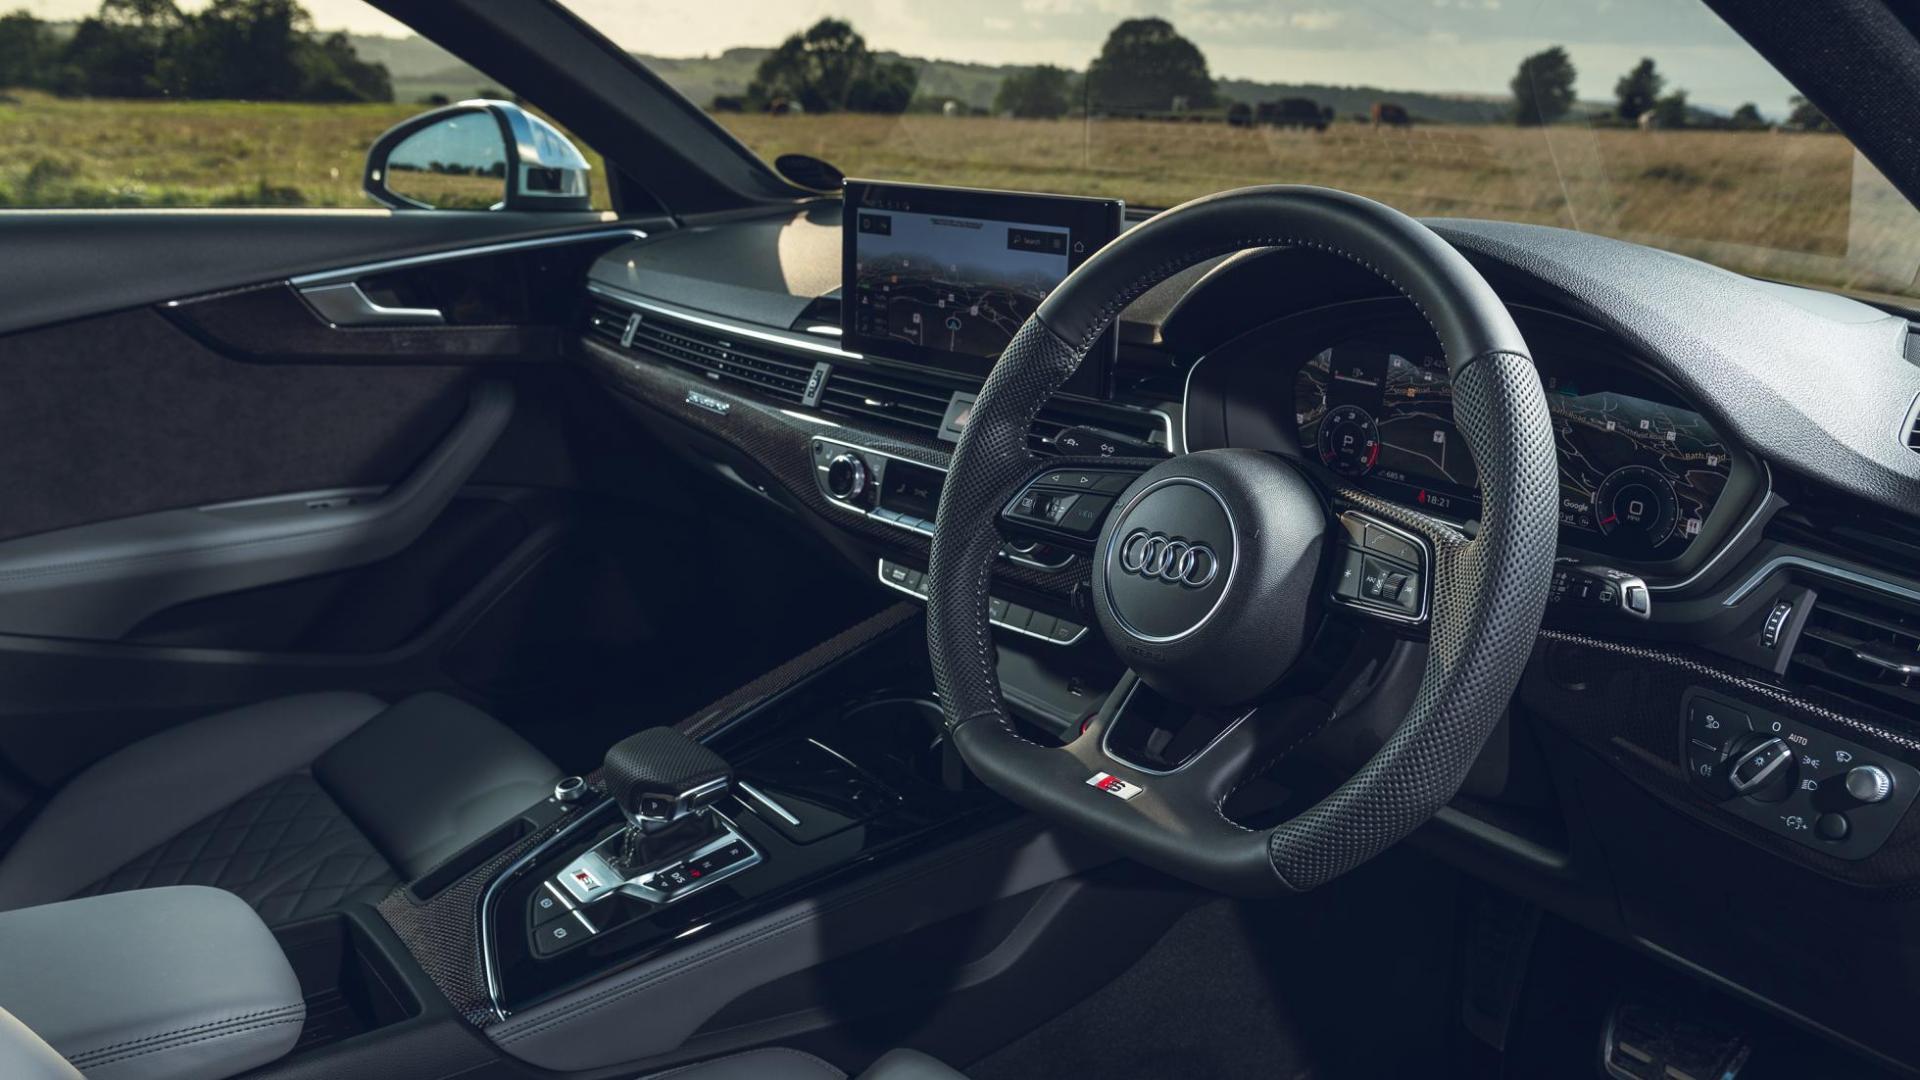 Audi S4 Avant 3.0 TDI Quattro interieur